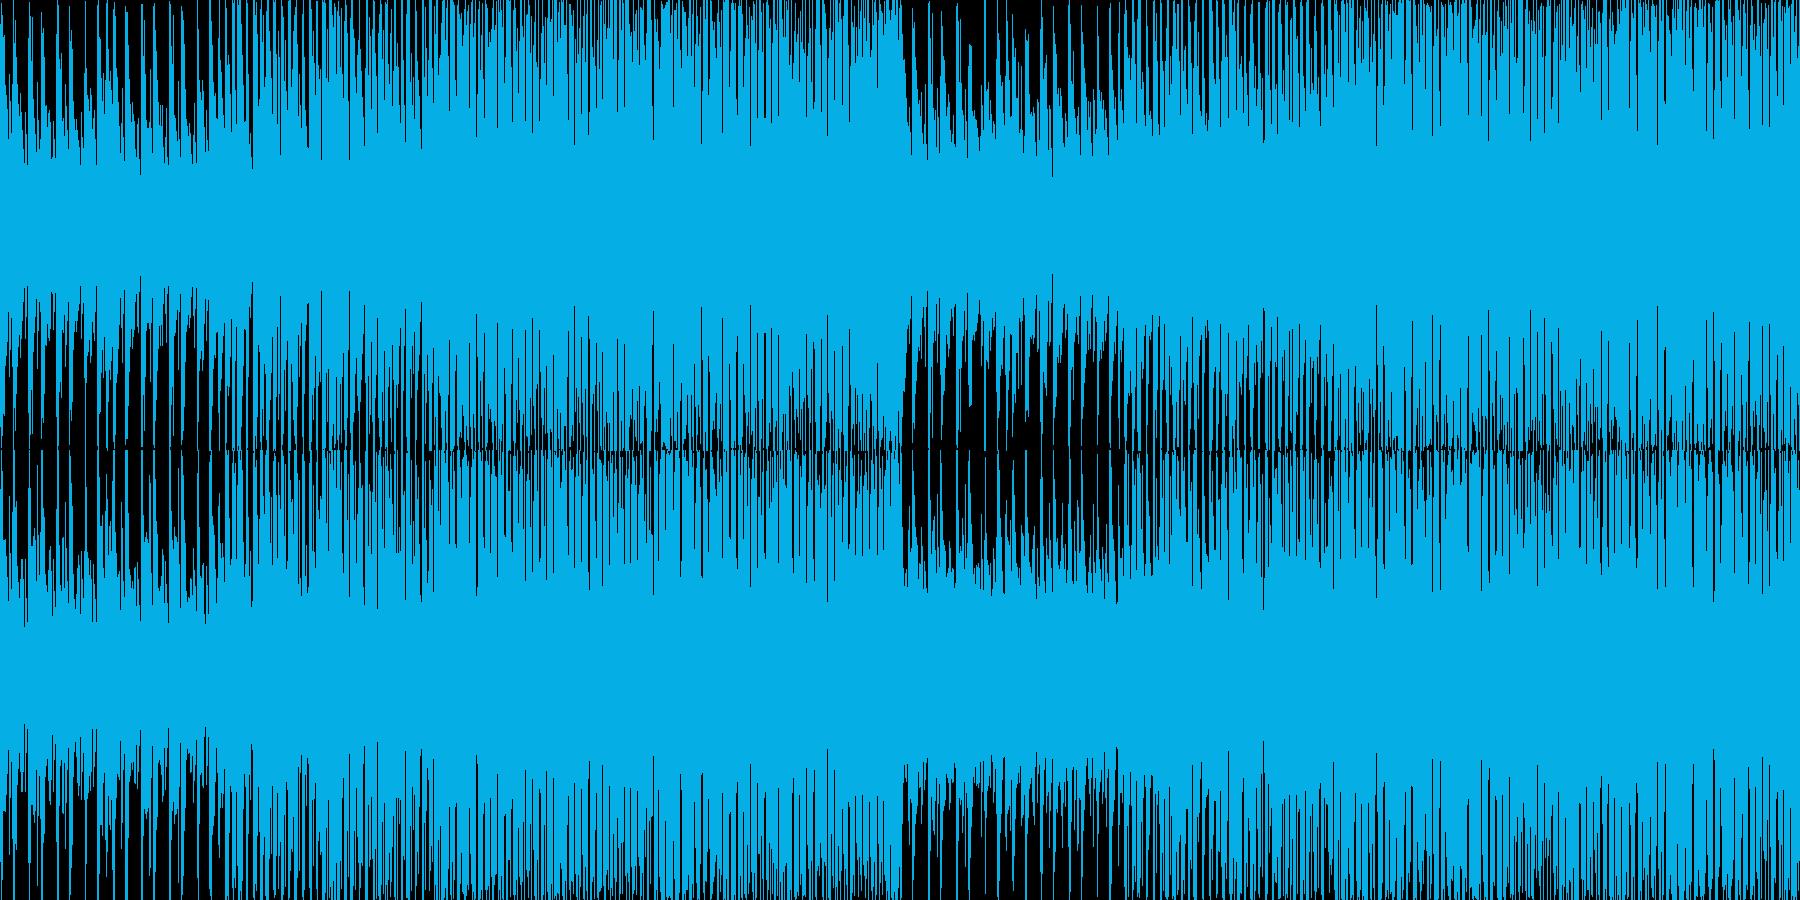 《軽快でおしゃれ》説明動画用BGMの再生済みの波形